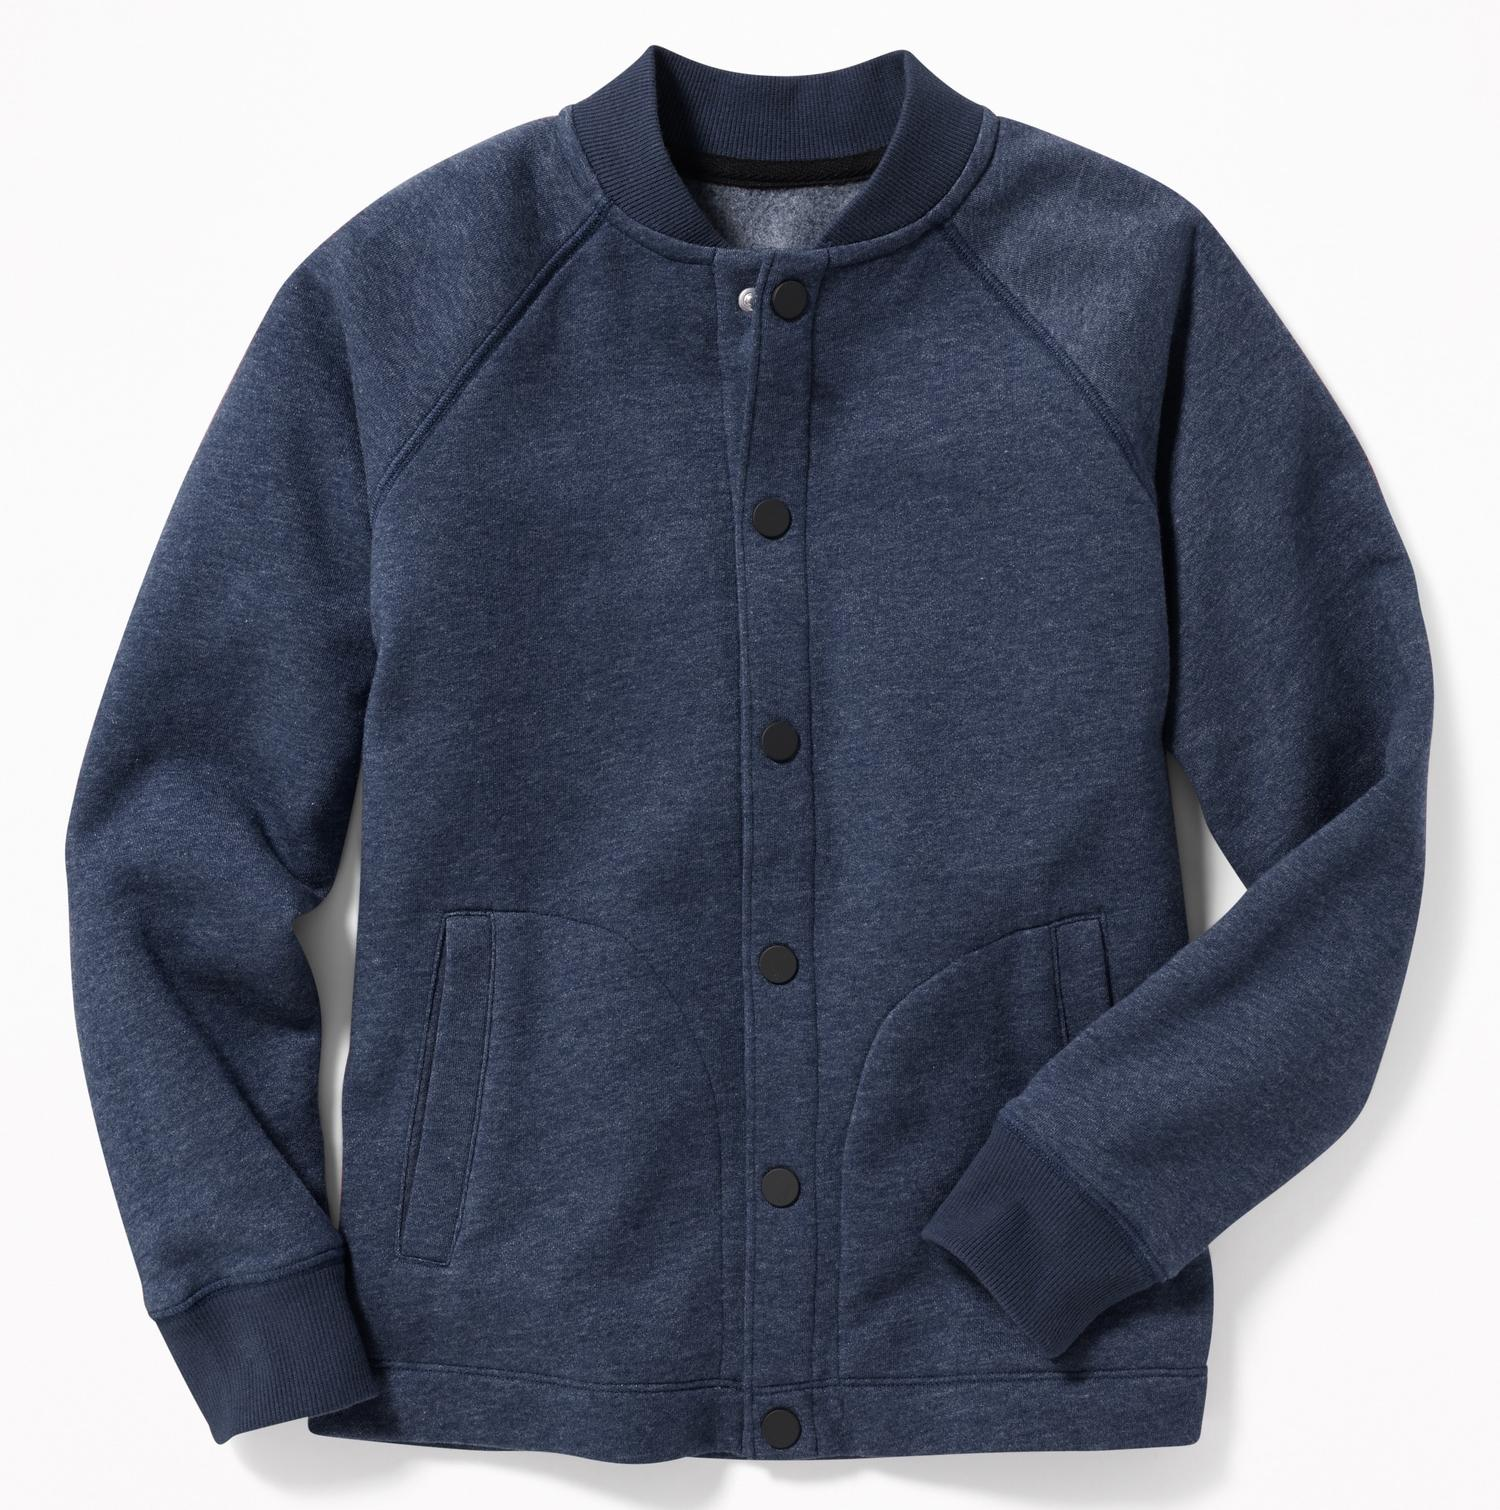 Áo khoác Bomber bé trai Old Navy size đại – màu xanh navy